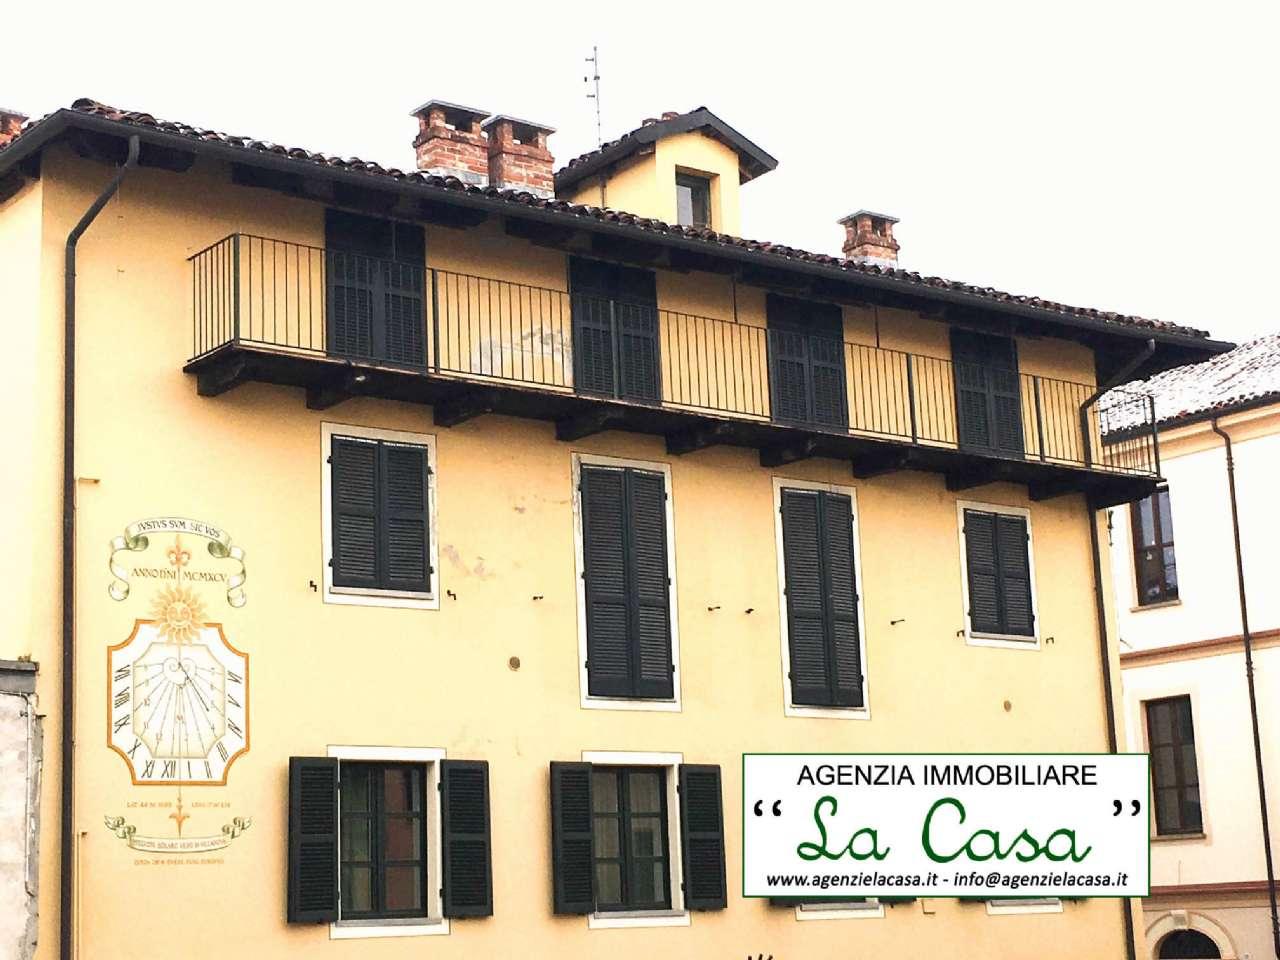 Appartamento in affitto a Villanova d'Asti, 5 locali, prezzo € 500 | CambioCasa.it